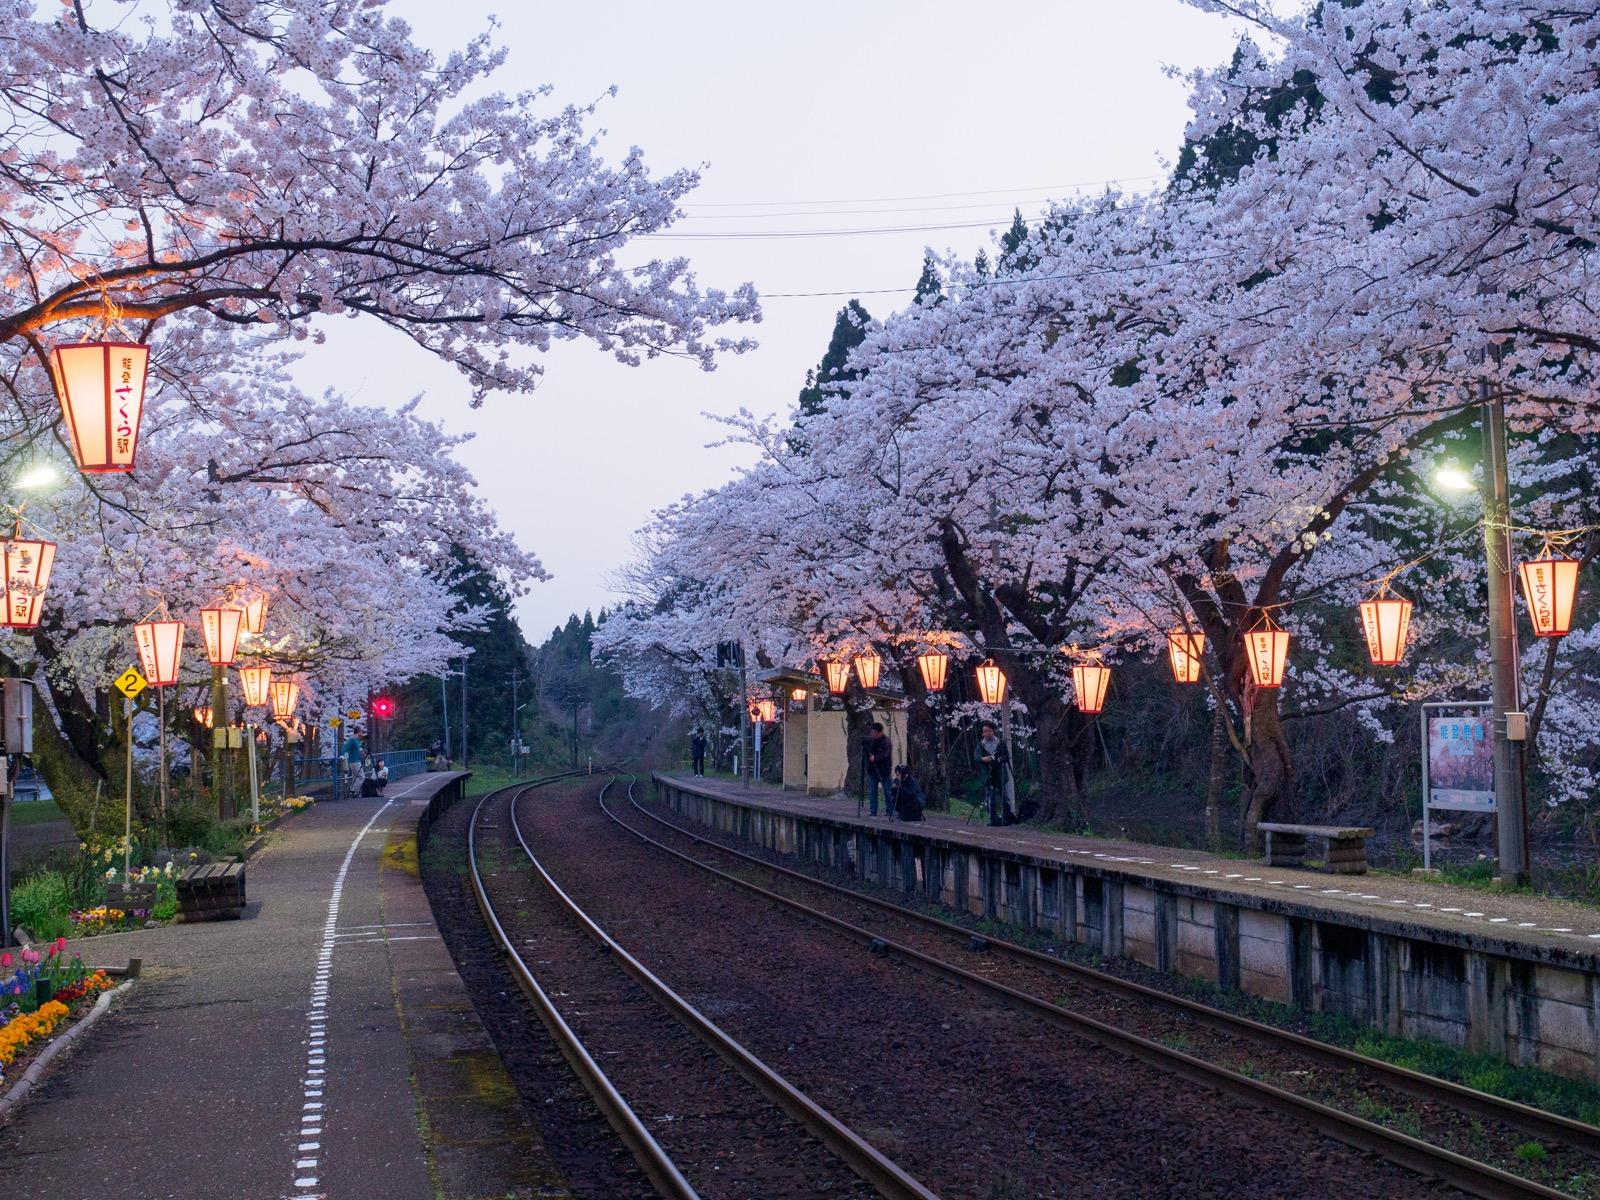 ぼんぼりが灯る能登鹿島駅(能登さくら駅)のホーム